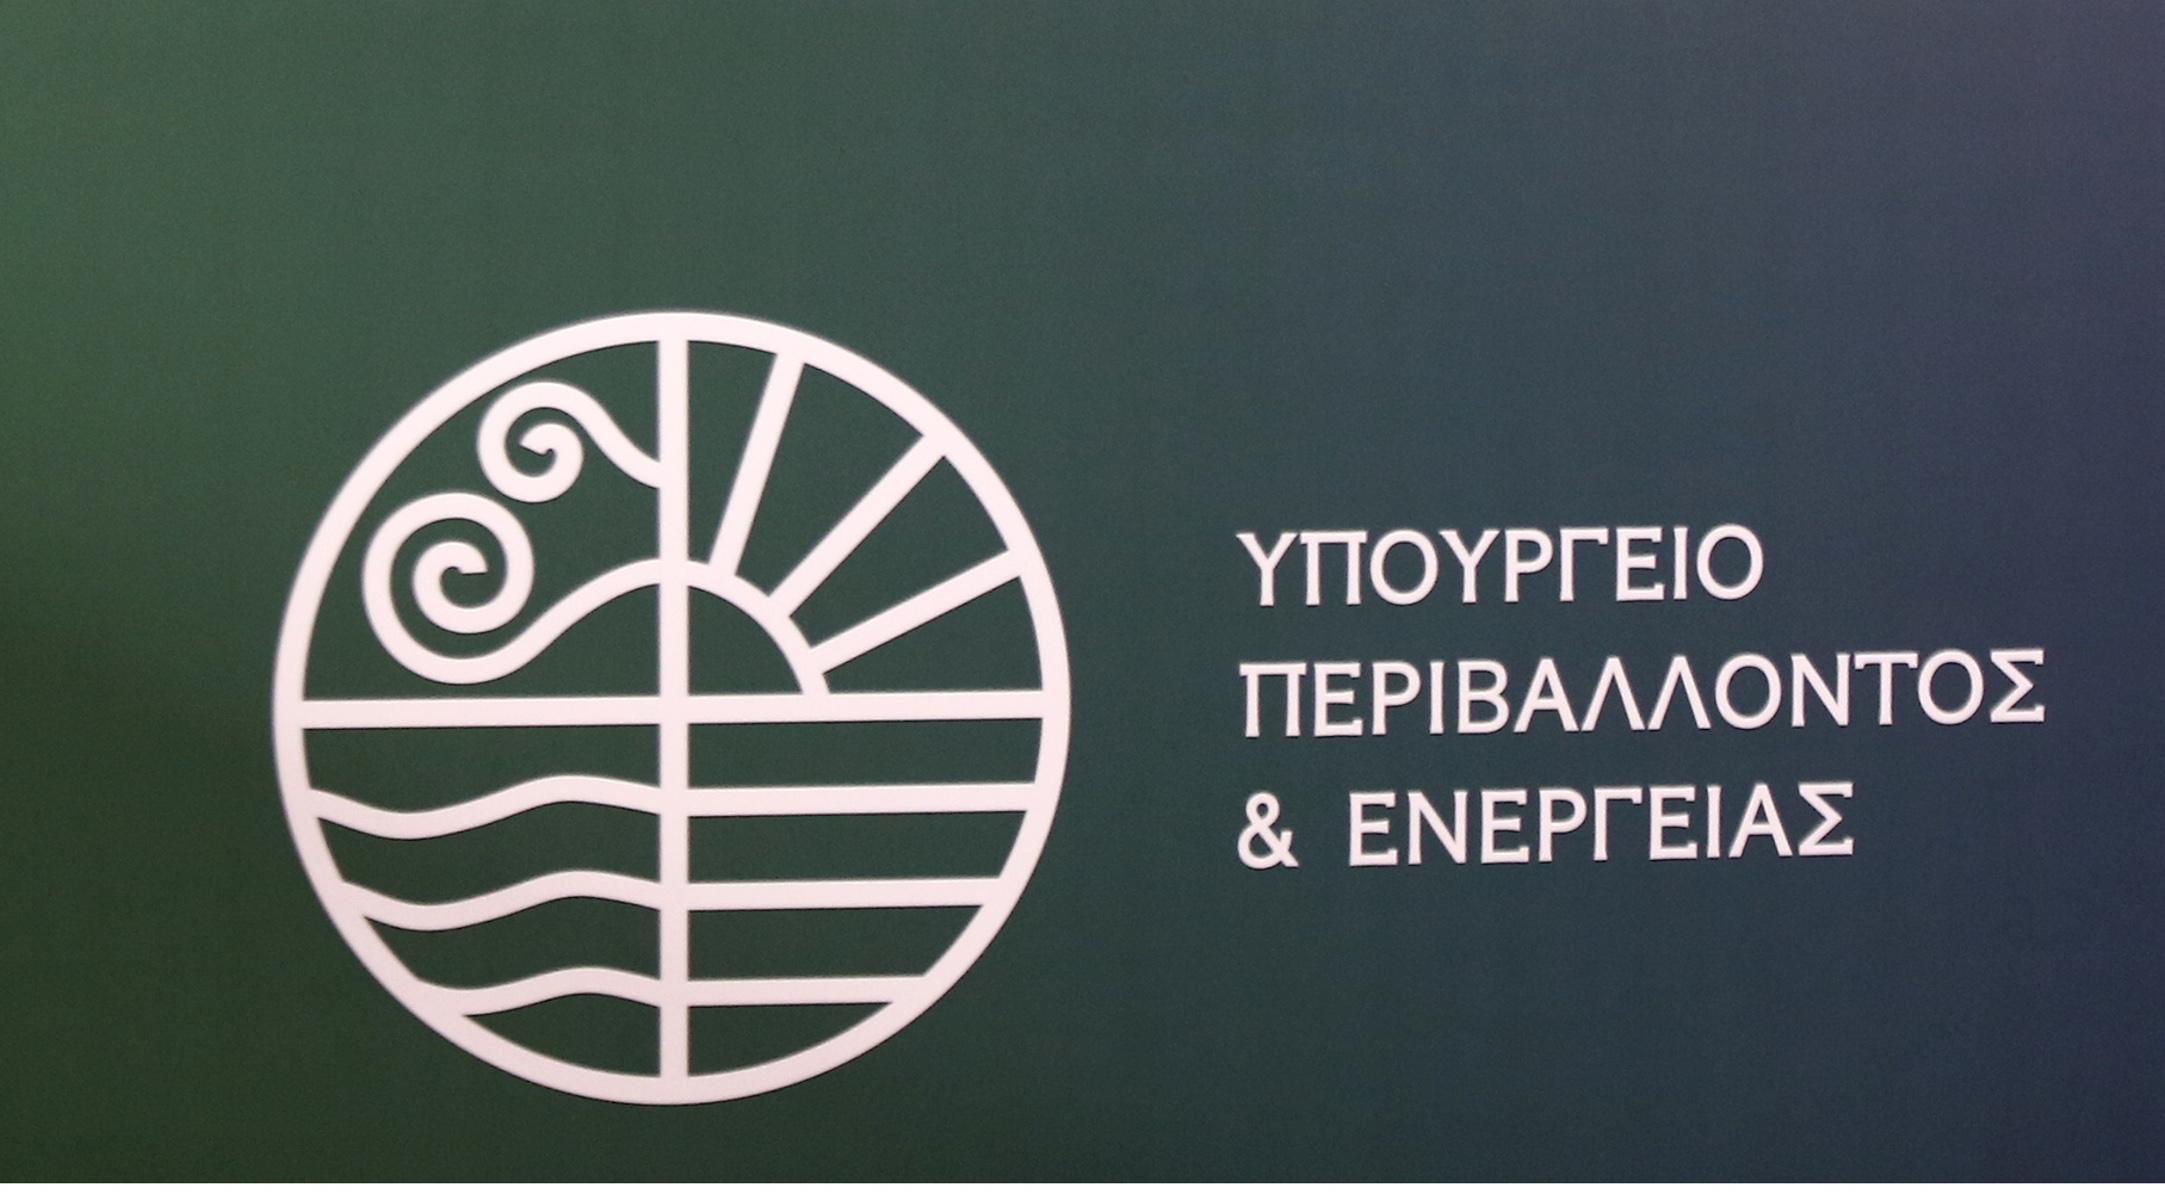 Ο Σύνδεσμος Μεταλλευτικών Επιχειρήσεων συναντήθηκε με την ηγεσία του Υπουργείου Περιβάλλοντος και Ενέργειας